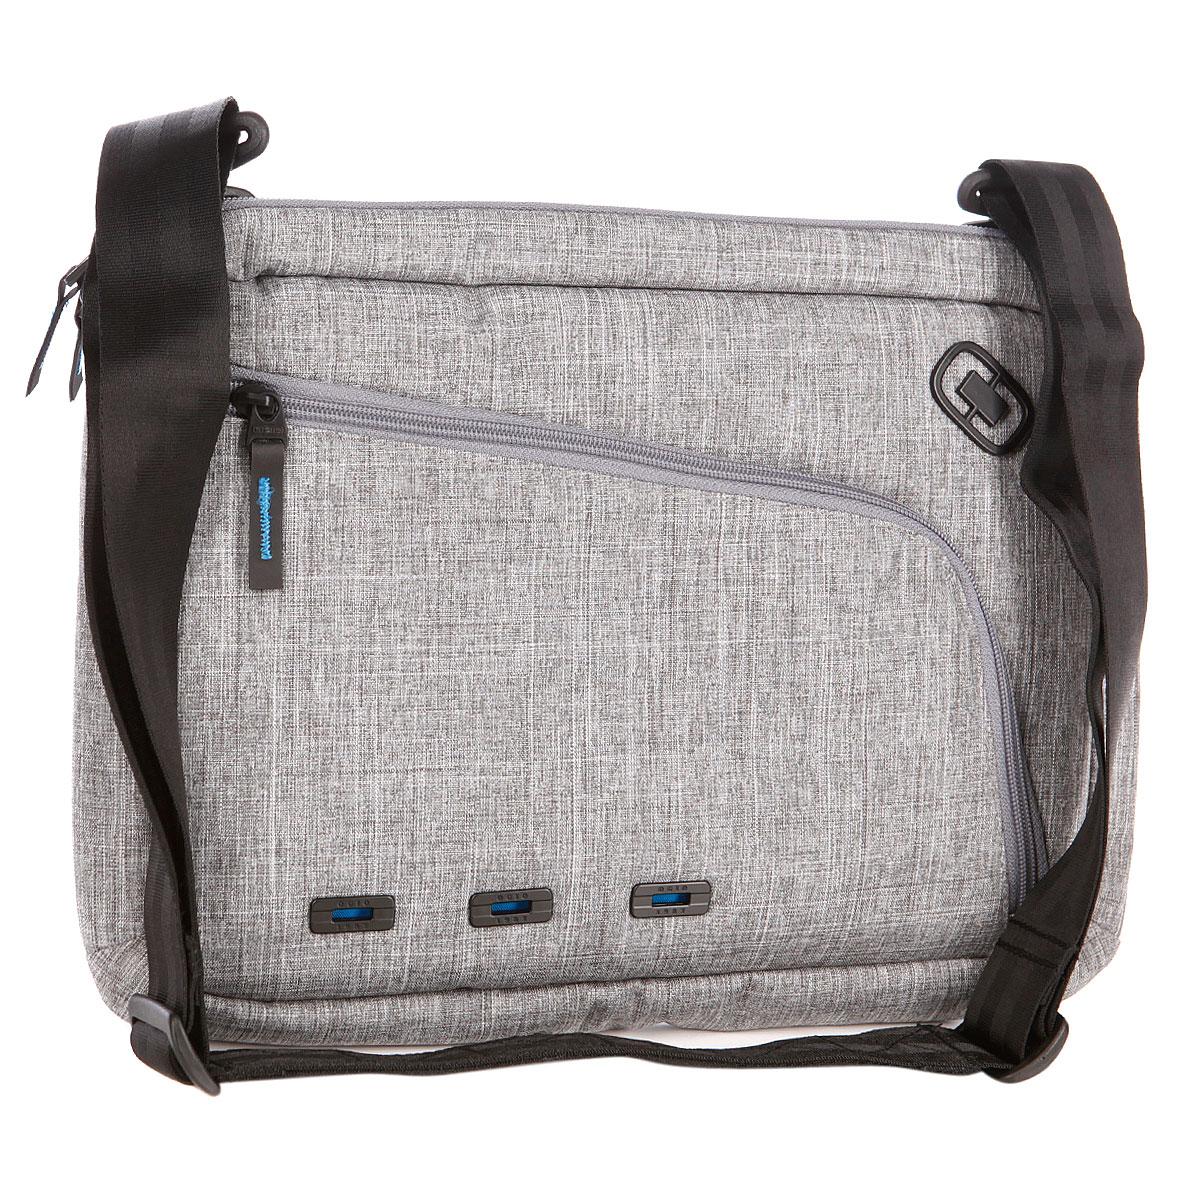 Сумка для ноутбука Ogio Newt Slim Case, цвет: серый, 10 л111068-351OGIO – высокотехнологичный продукт от американского производителя. Вместимые сумки для путешествий, работы и отдыха, специальная коллекция городских сумок для женщин, жесткие боксы под мелкий инвентарь и многое другое. Идеальная сумка для походов по траектории дом-офис или офис-кофейня, но можно и изменить маршрут, потому что, в любом случае, в New Slim можно всегда удобно и безопасно переносить 15-дюймовый ноутбук, планшет, документы и все остальные необходимые мелочи и гаджеты.